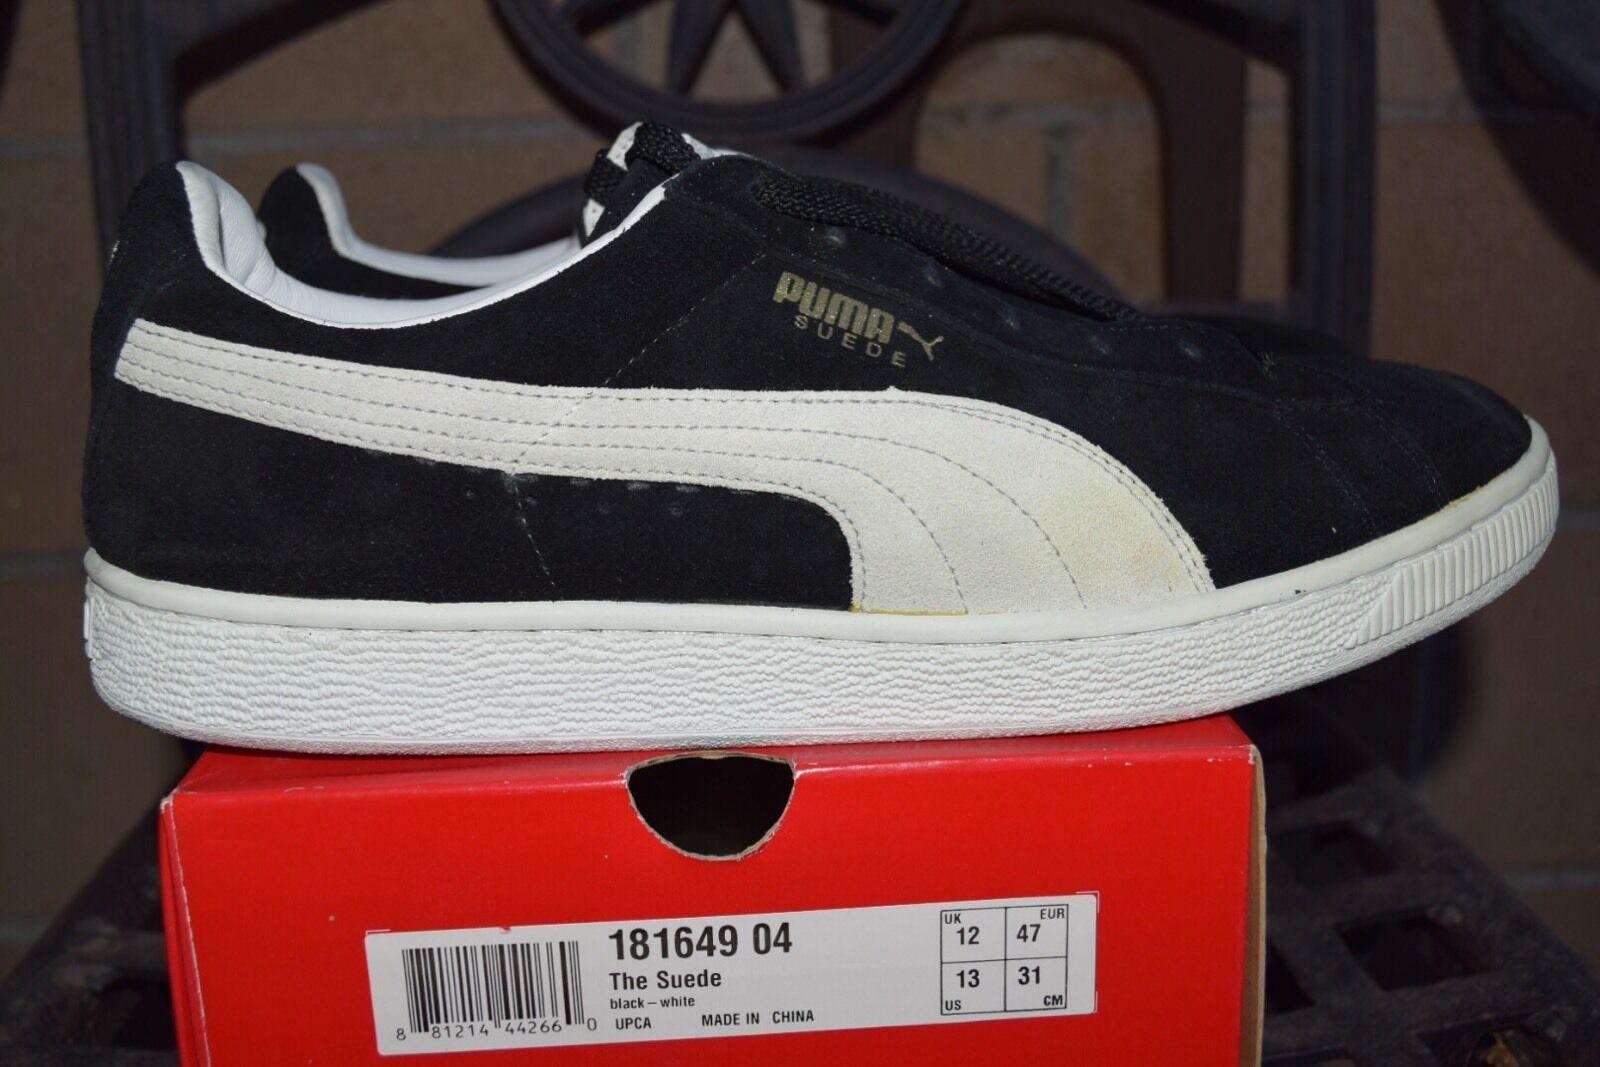 Ds 2007 puma suede originale der der der schwarz - weiß - größe. 293c26